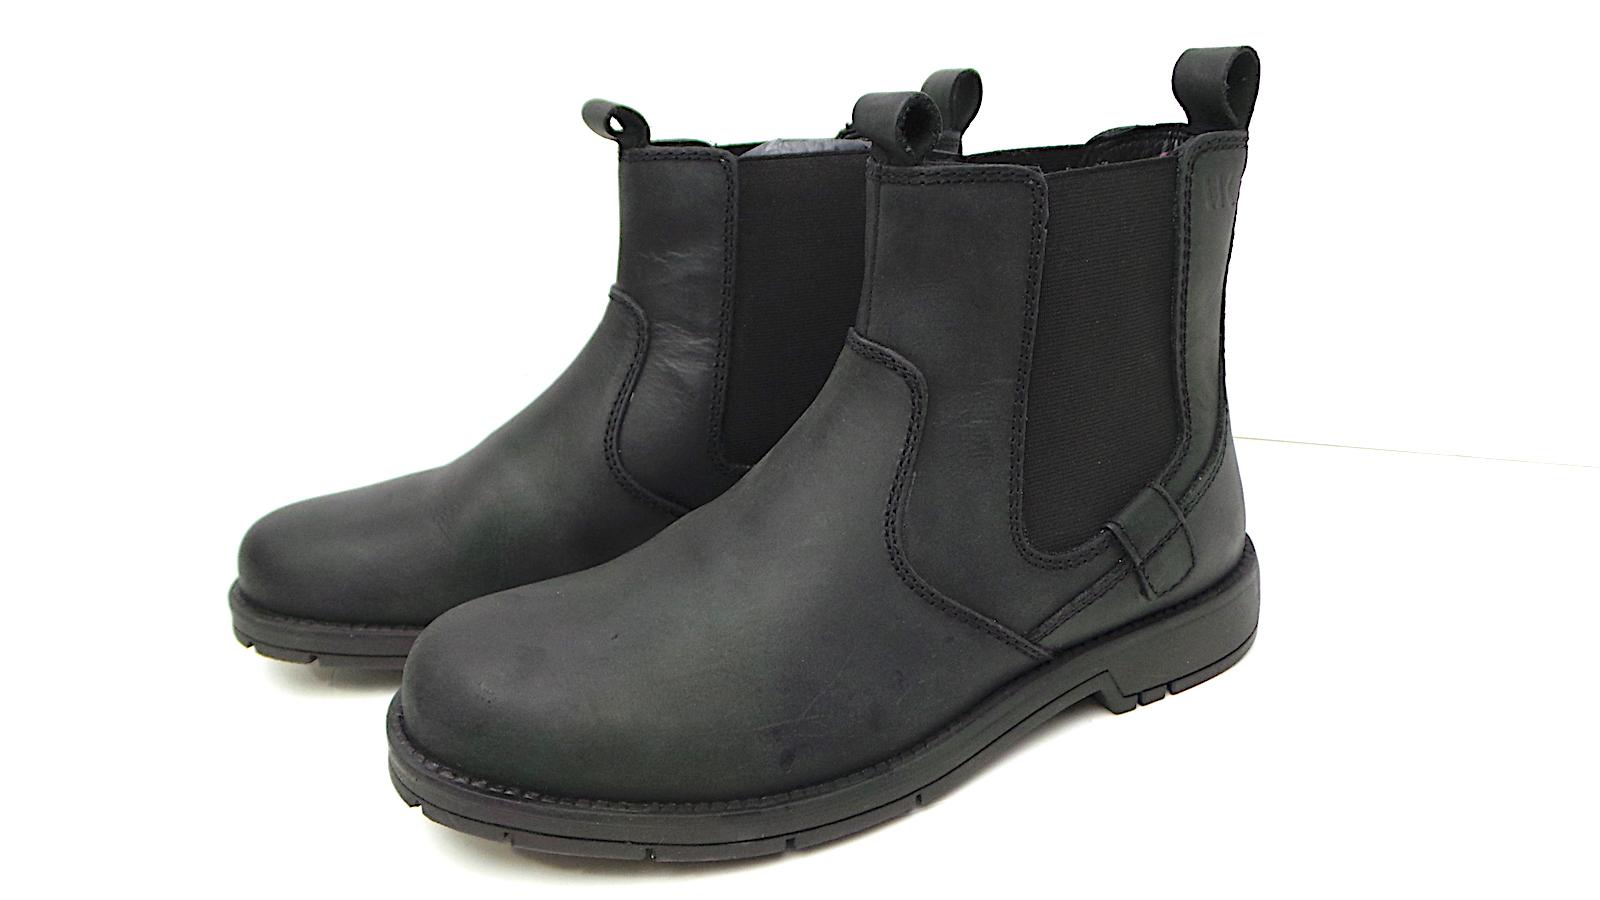 venduto in tutto il mondo prezzo onesto salvare scarpe uomo - delpopoloshop - sneakers uomo lumberjack ...